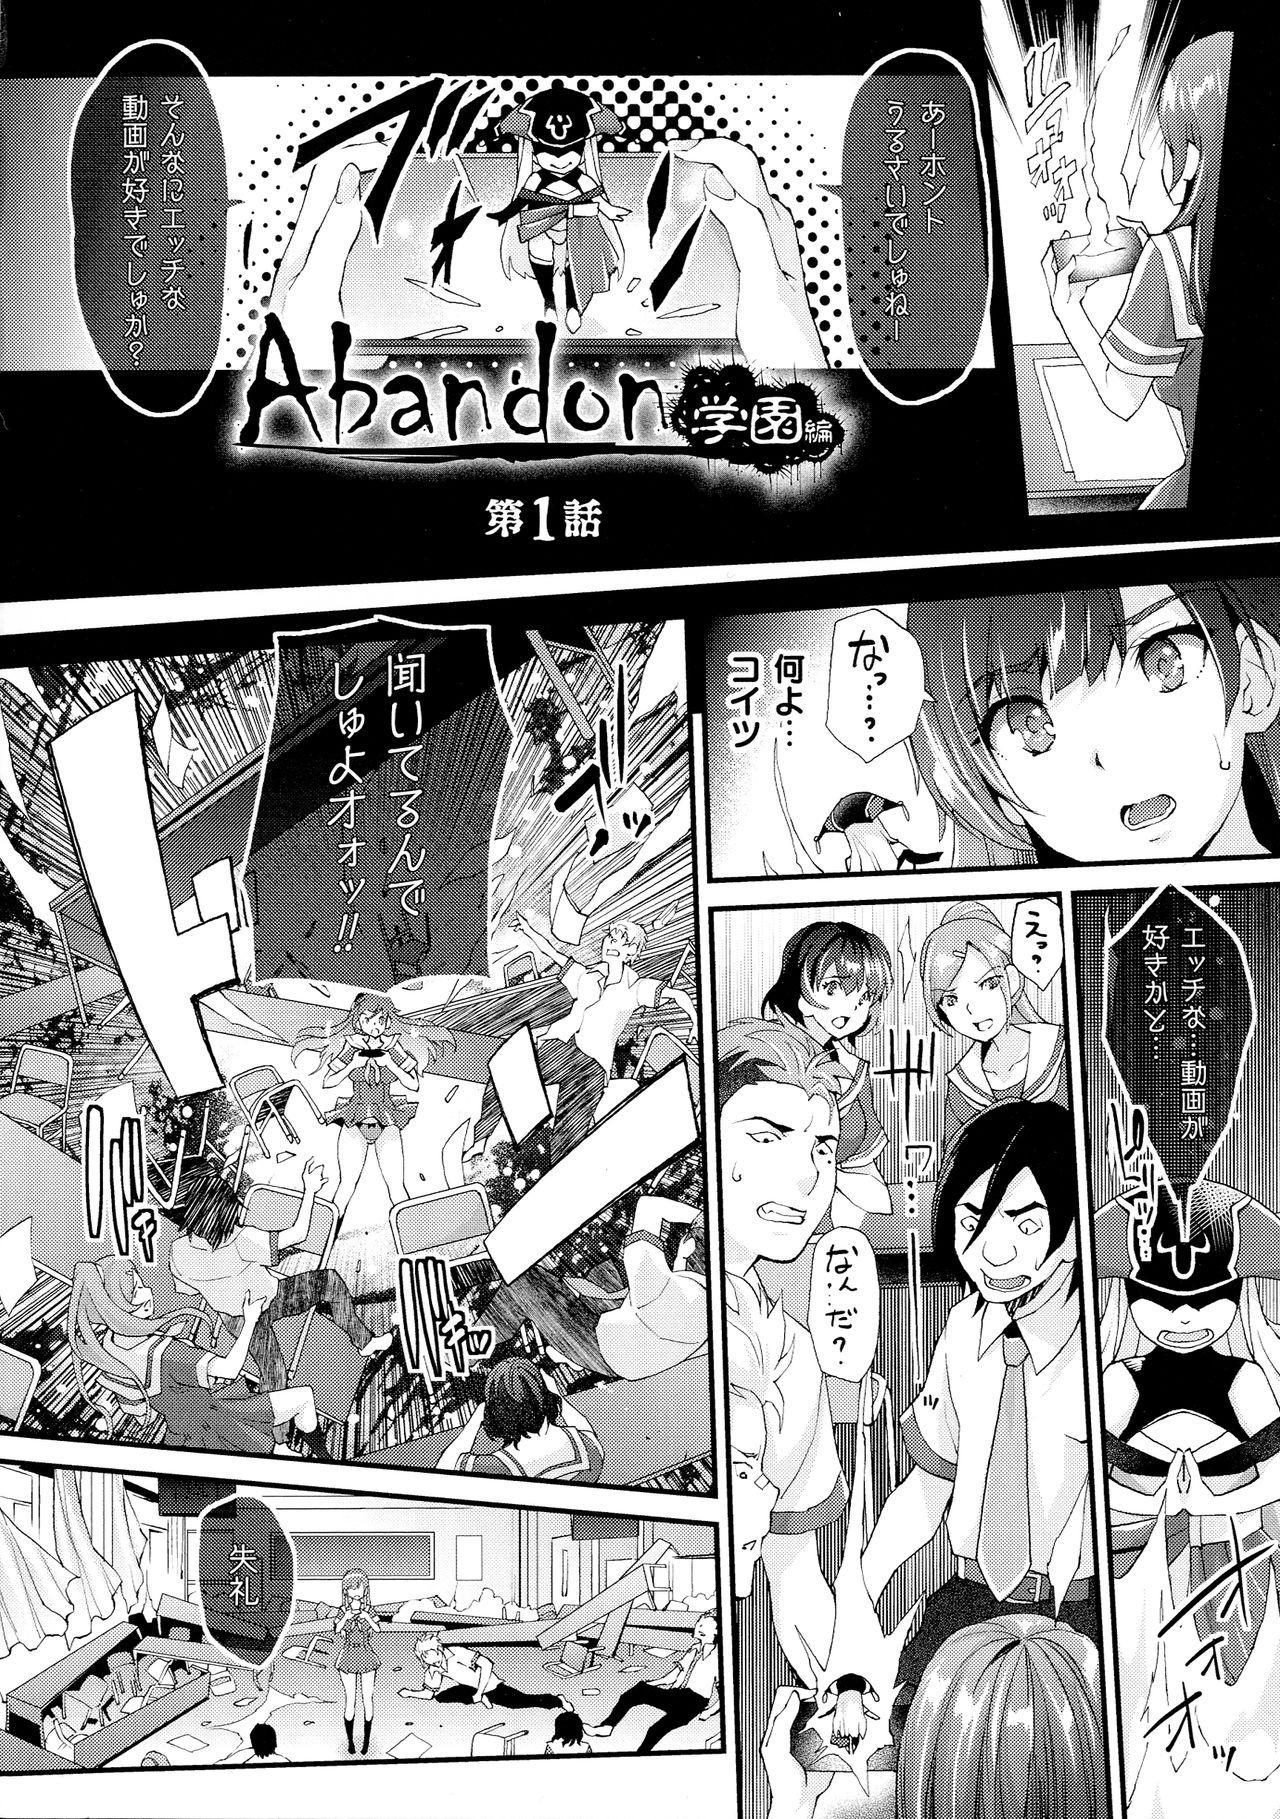 Abandon-100 Nukishinai to Derarenai Fushigi na Kyoushitsu 8